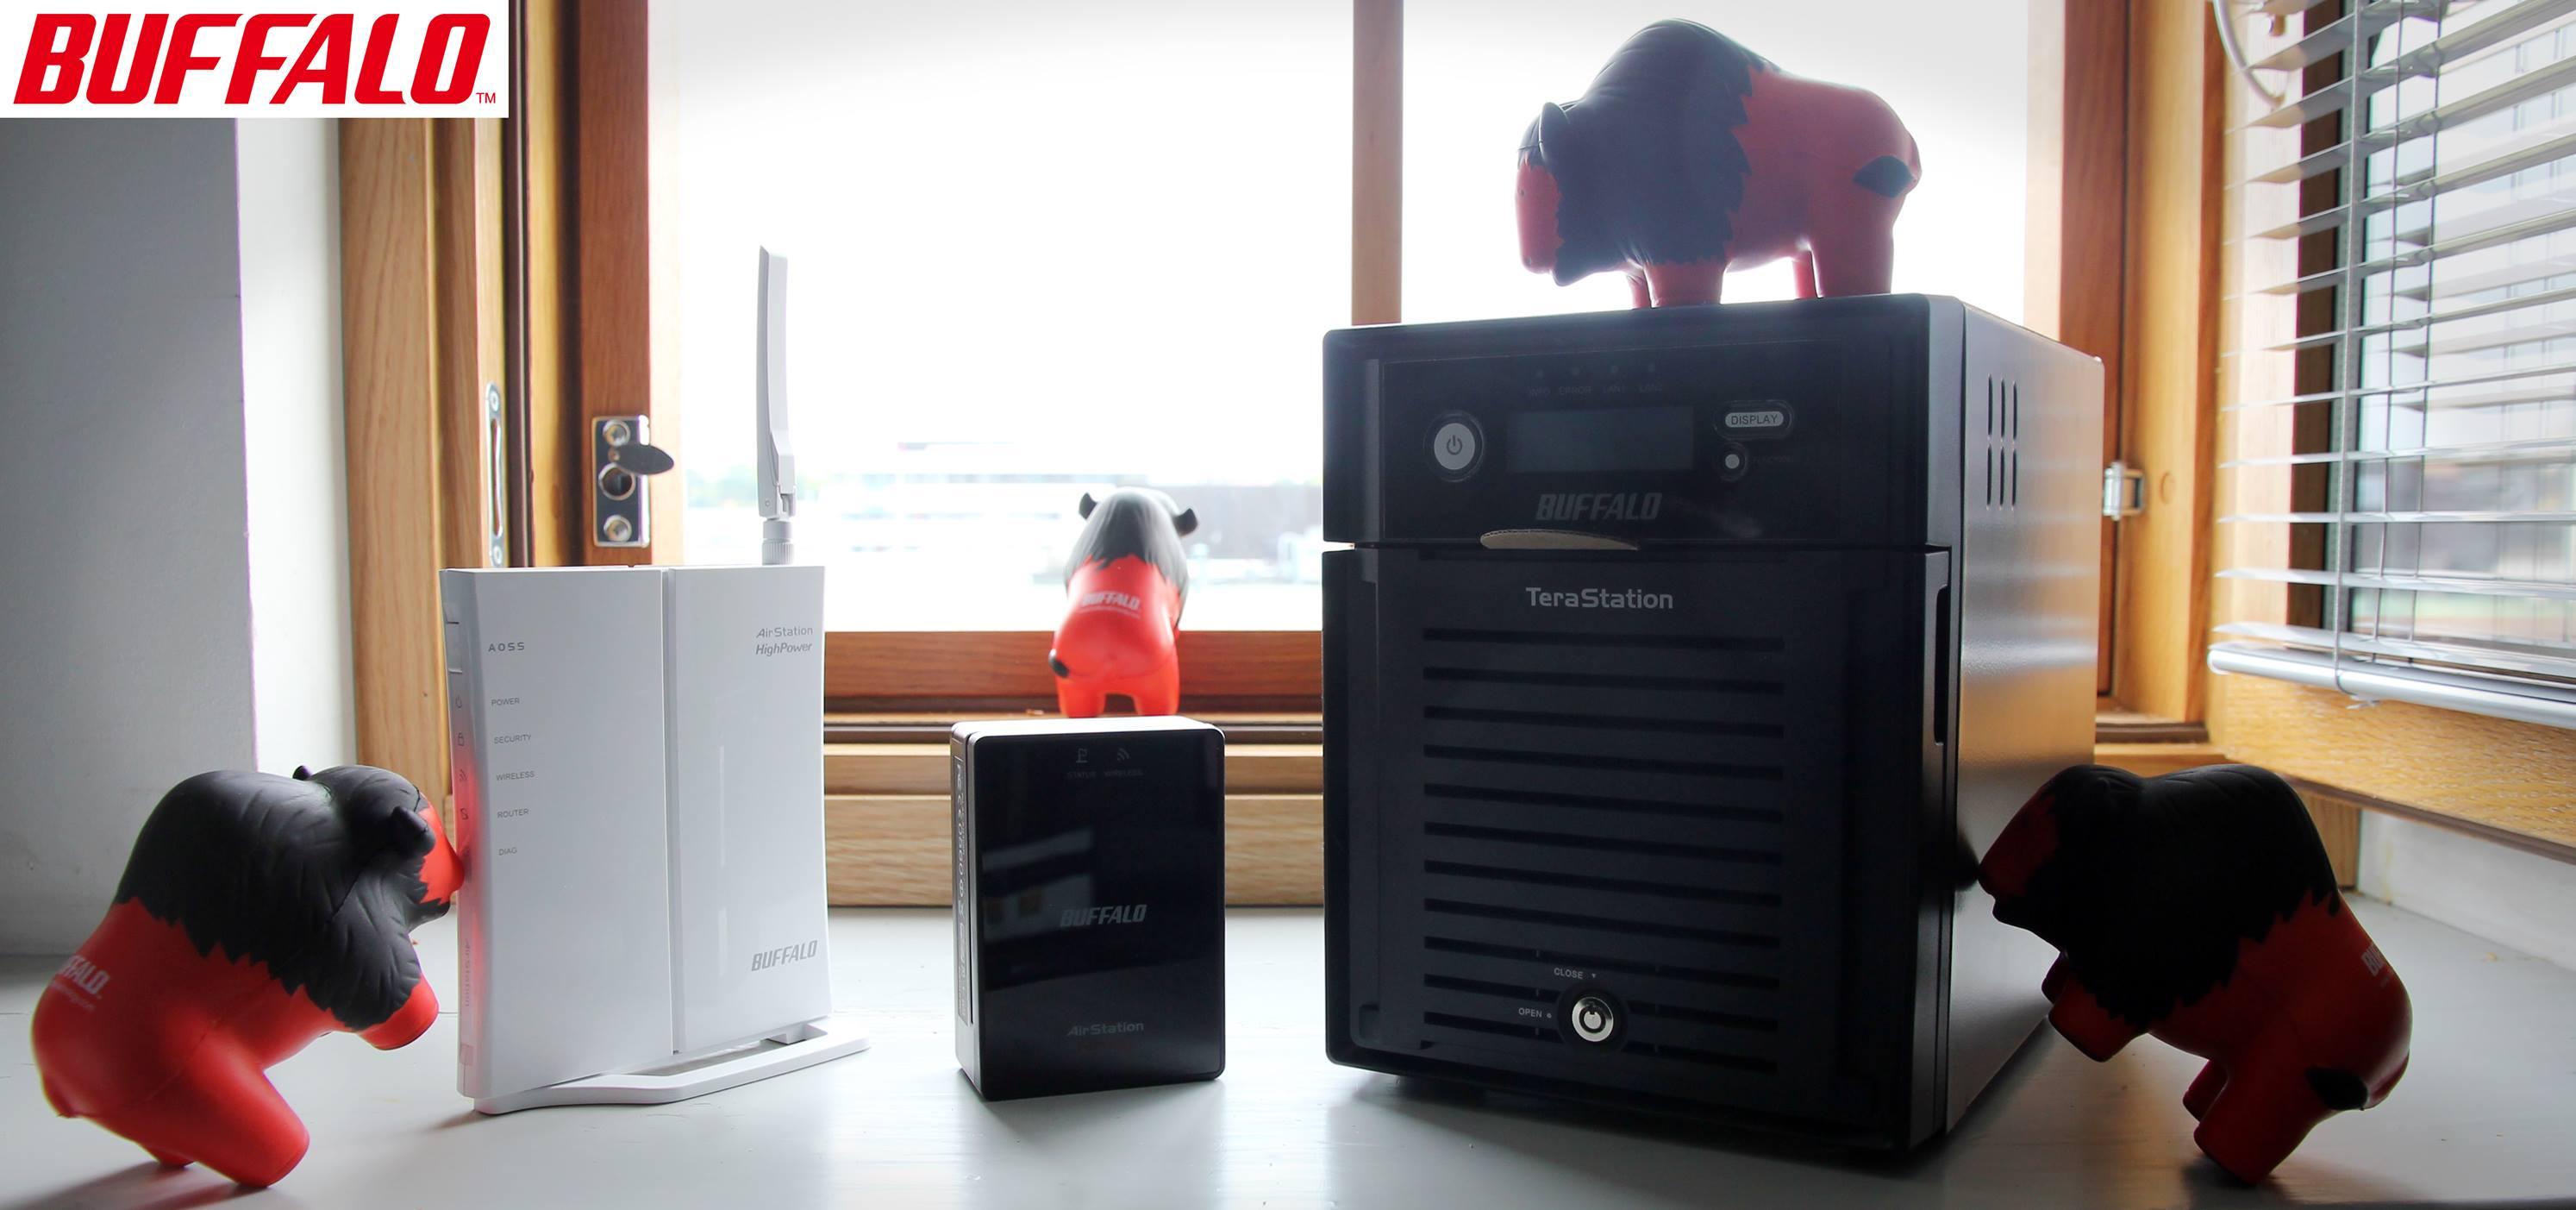 Hướng dẫn cài đặt Wifi Buffalo phiên bản tiếng Anh Firmware DD-WRT